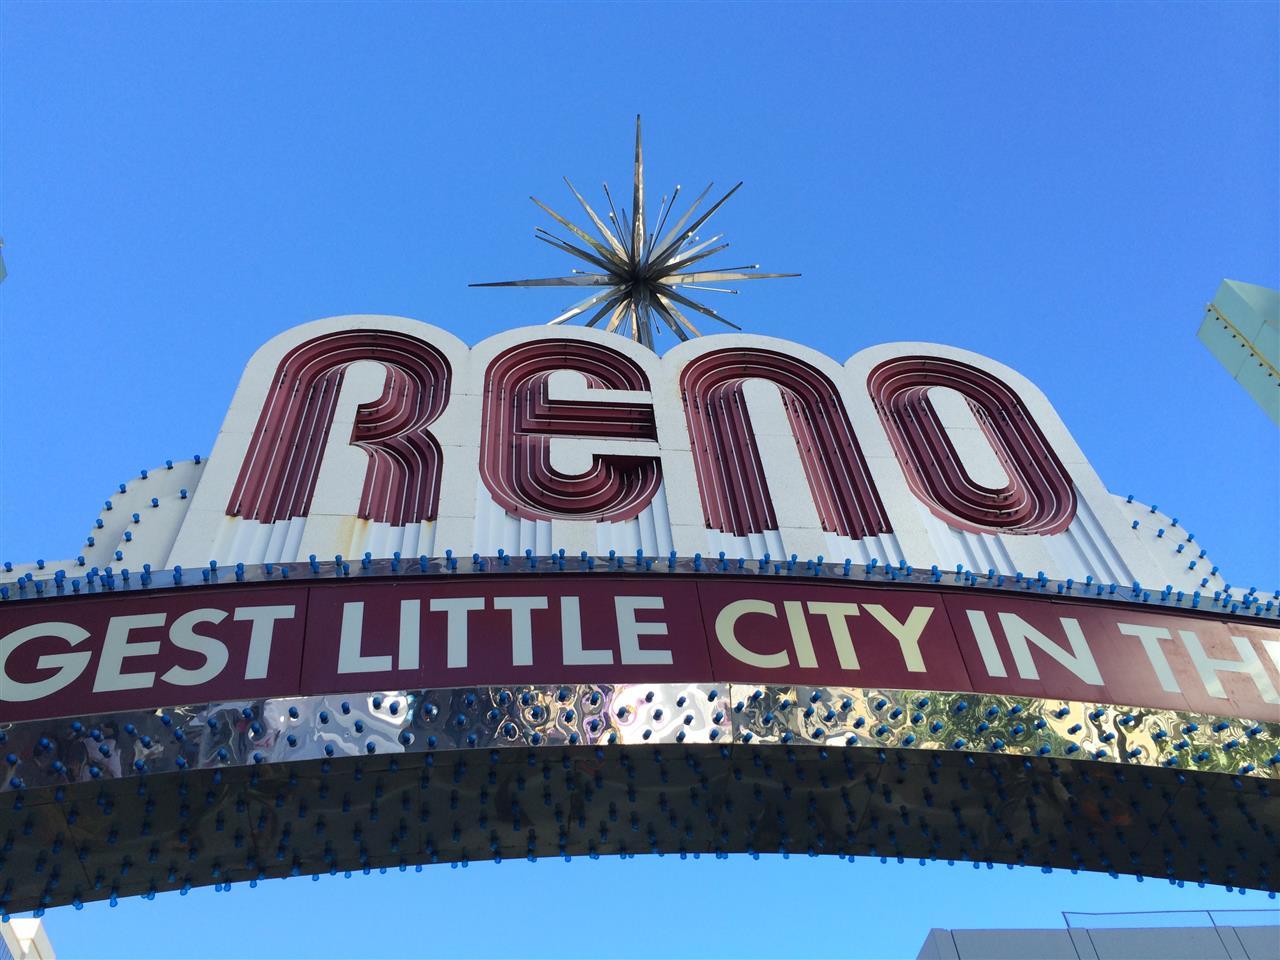 #Reno, NV #The Reno Arch #Biggest Little City